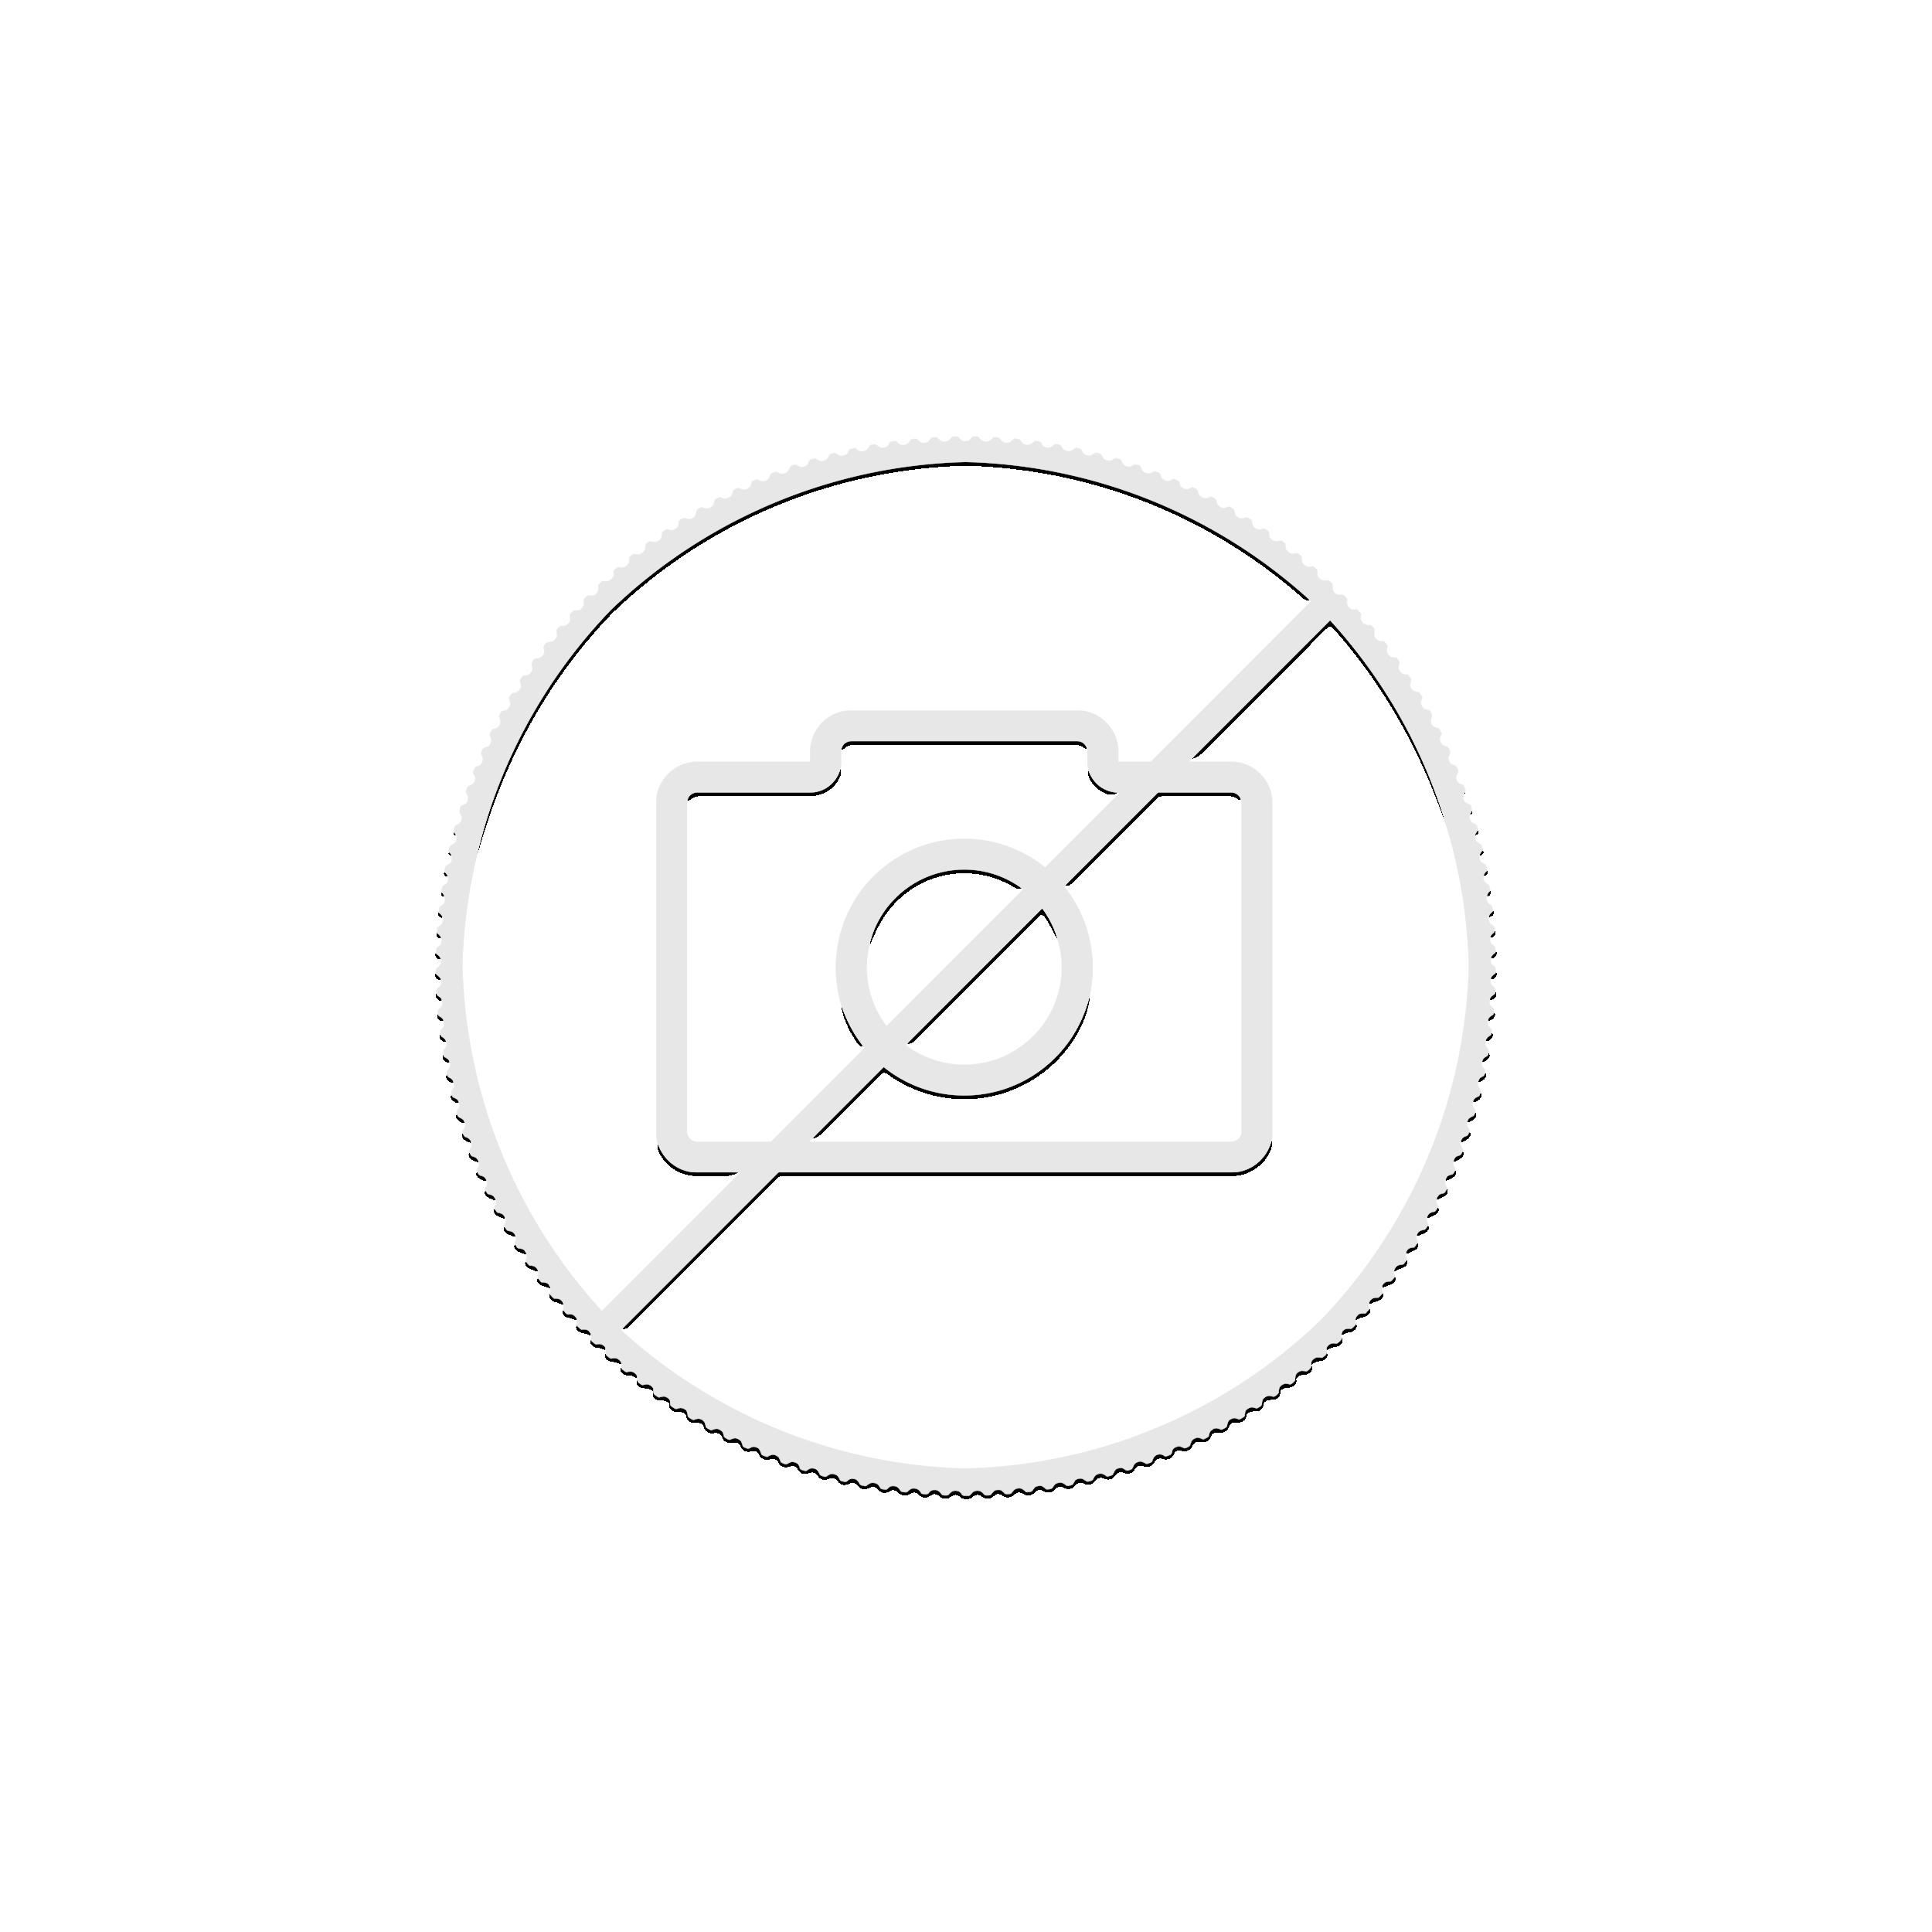 2 troy ounce zilveren munt honingbij 2021